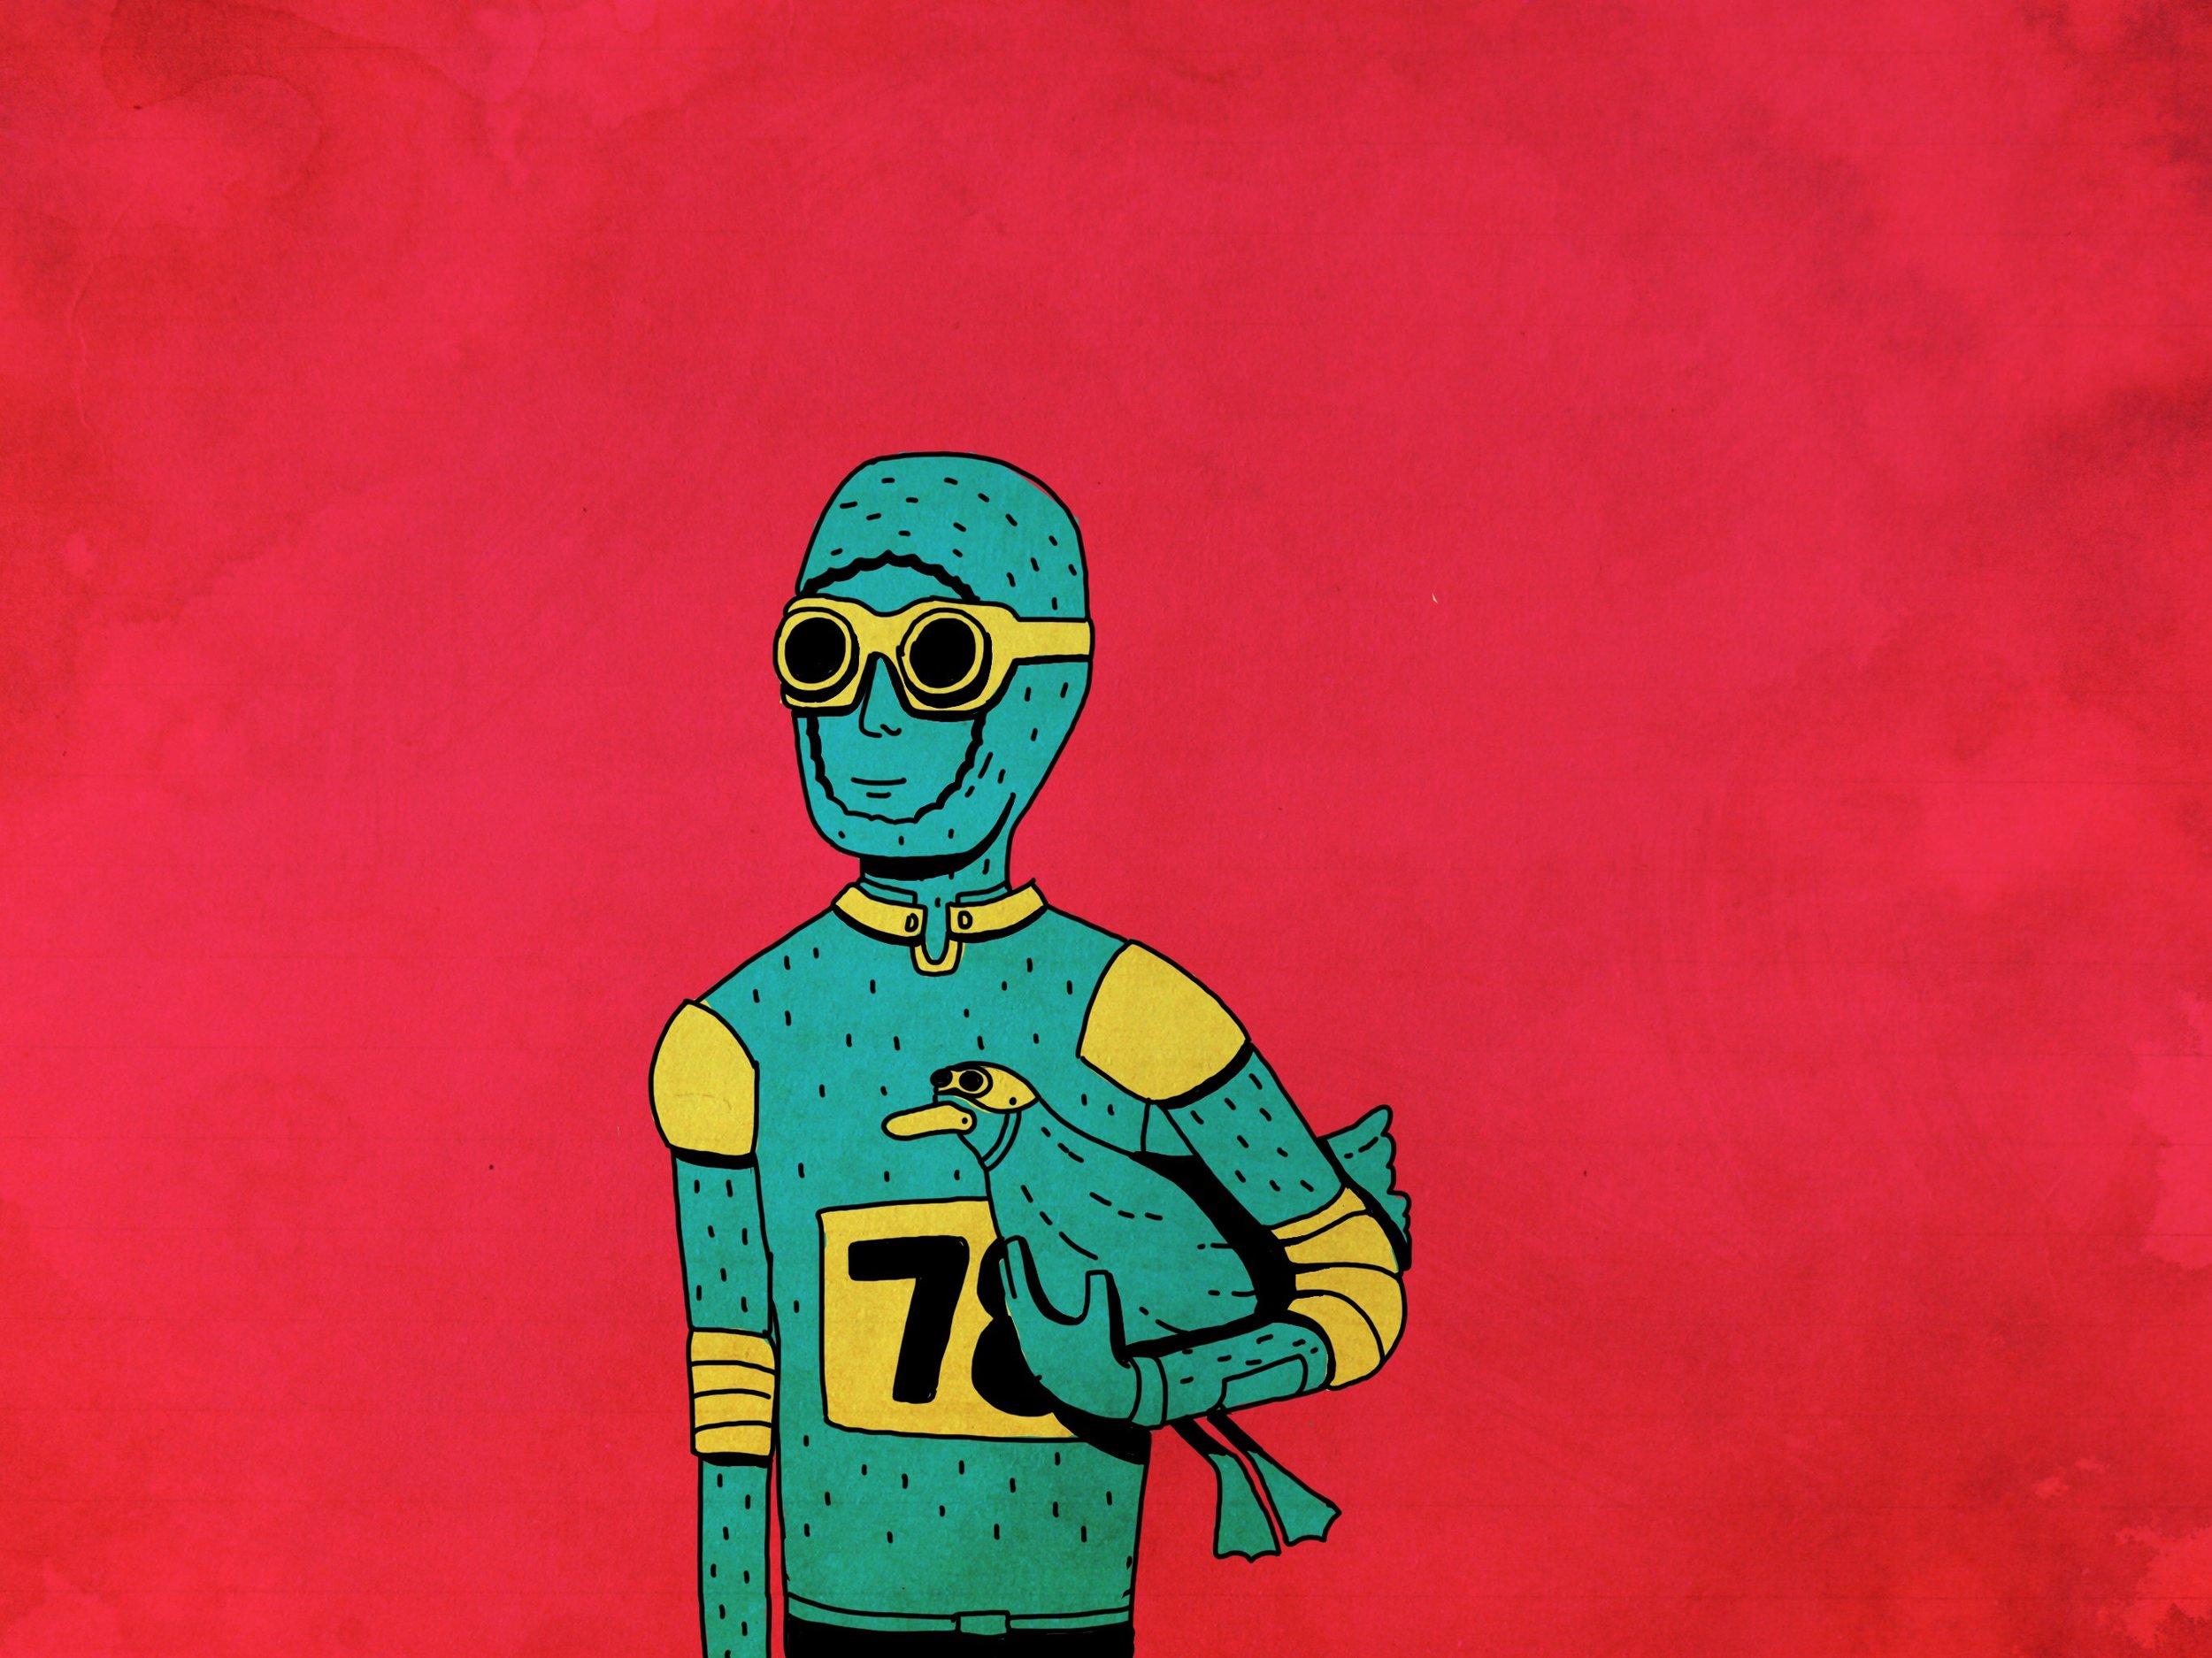 Spaceman (1).jpg